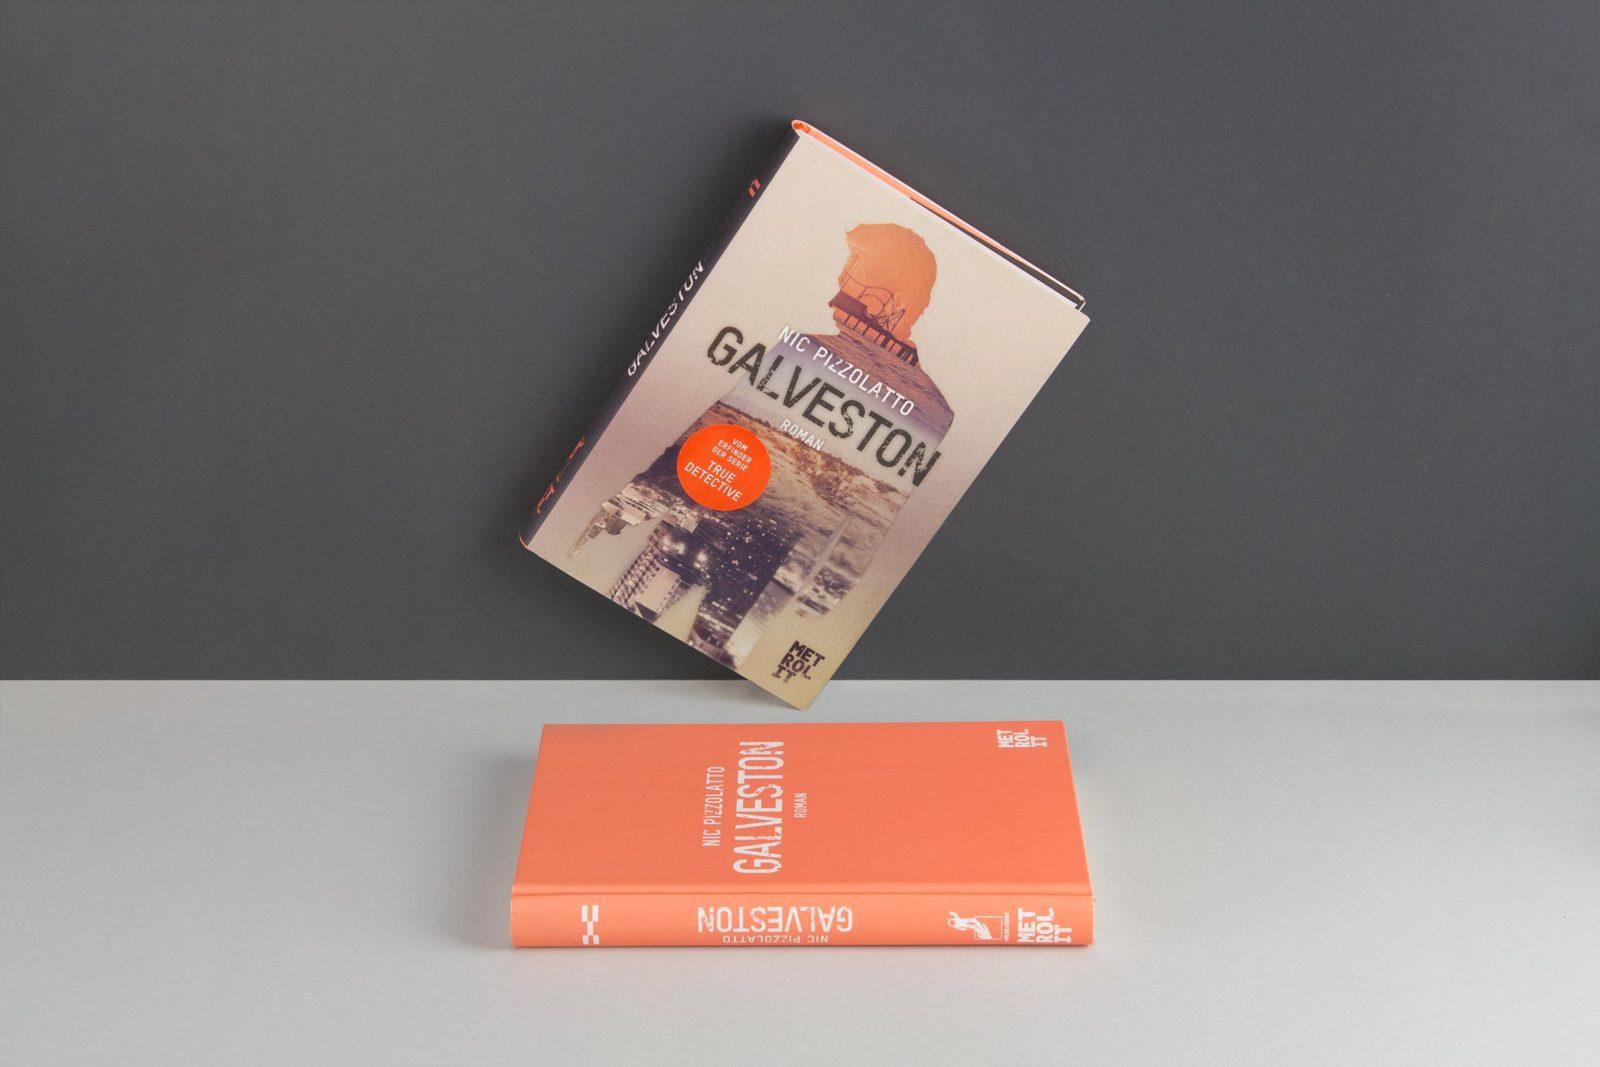 Editienne Grafikdesign - Kommunikationsdesign Berlin- Buchcoverdesign und Buchgestaltung 32